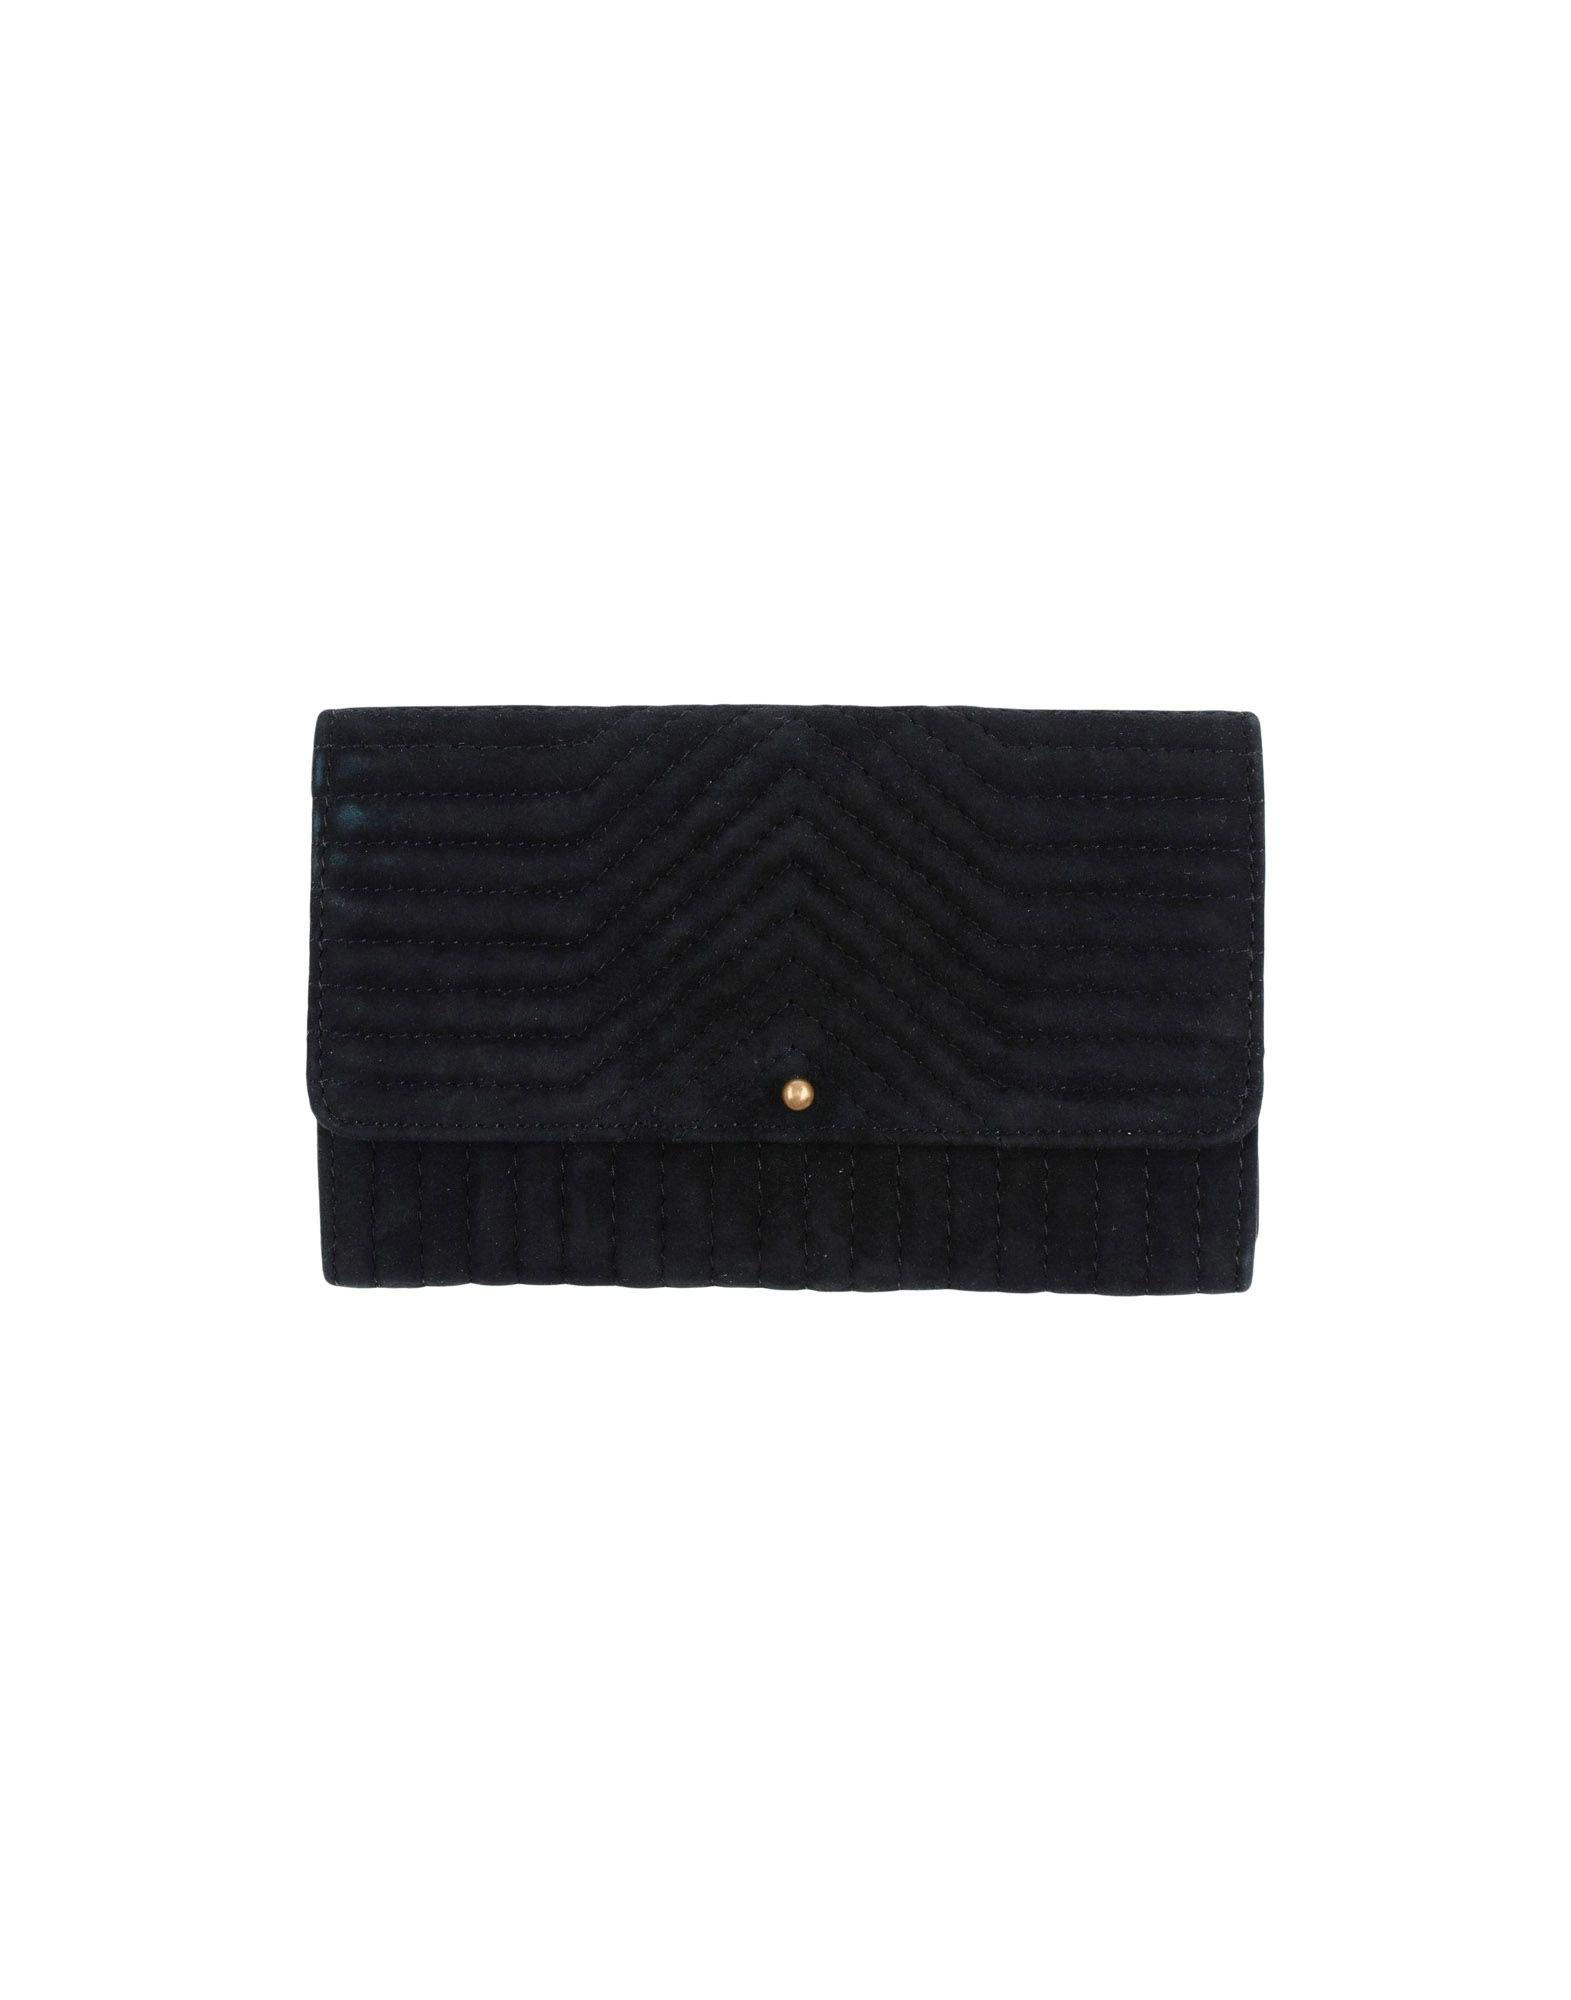 《送料無料》SESSUN レディース 財布 ブラック 革